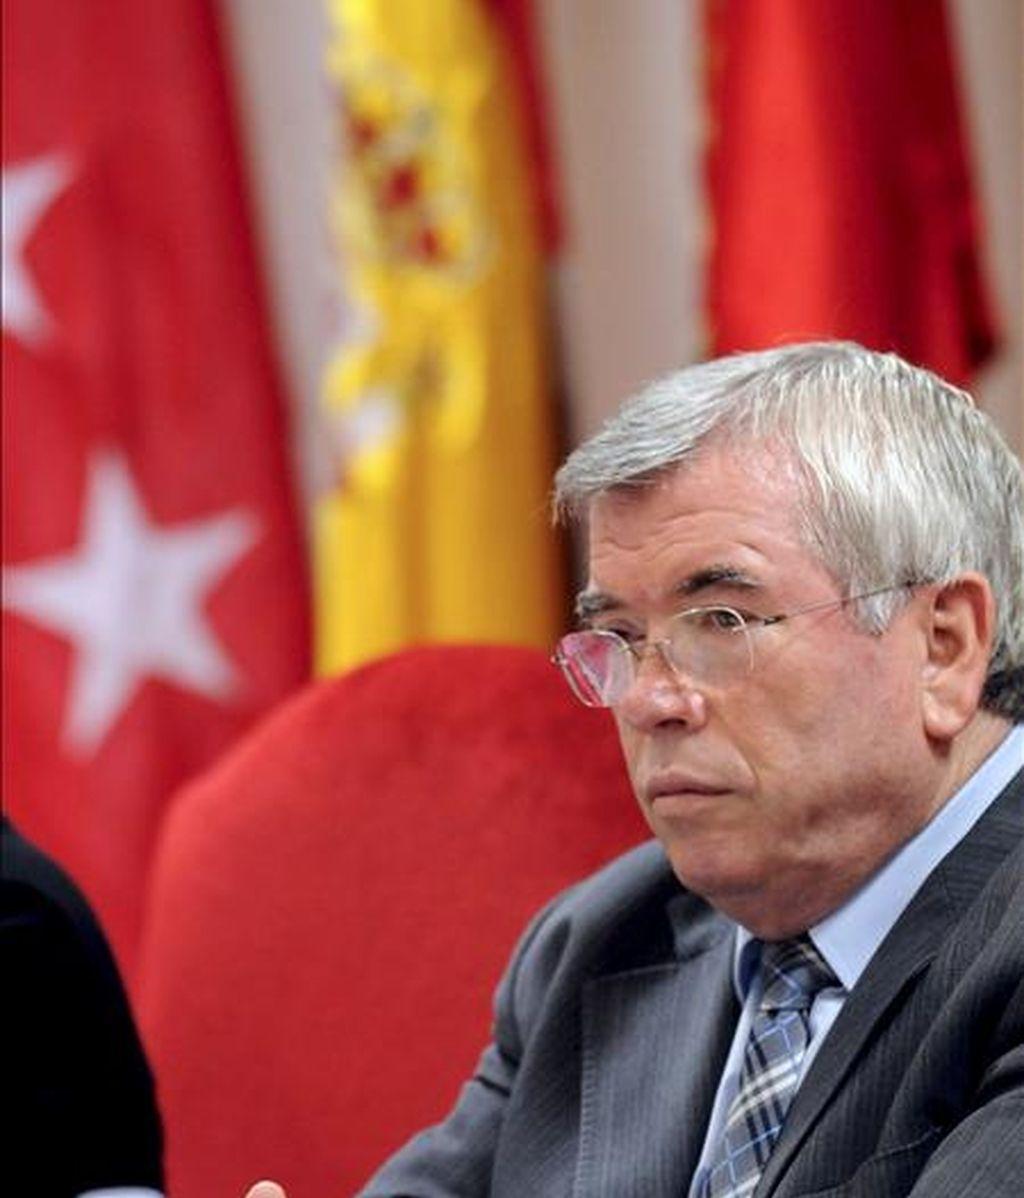 El presidente de la Federación Española de Municipios y Provincias (FEMP) y alcalde de Getafe, Pedro Castro, en una imagen del pasado mes de diciembre. EFE/Archivo